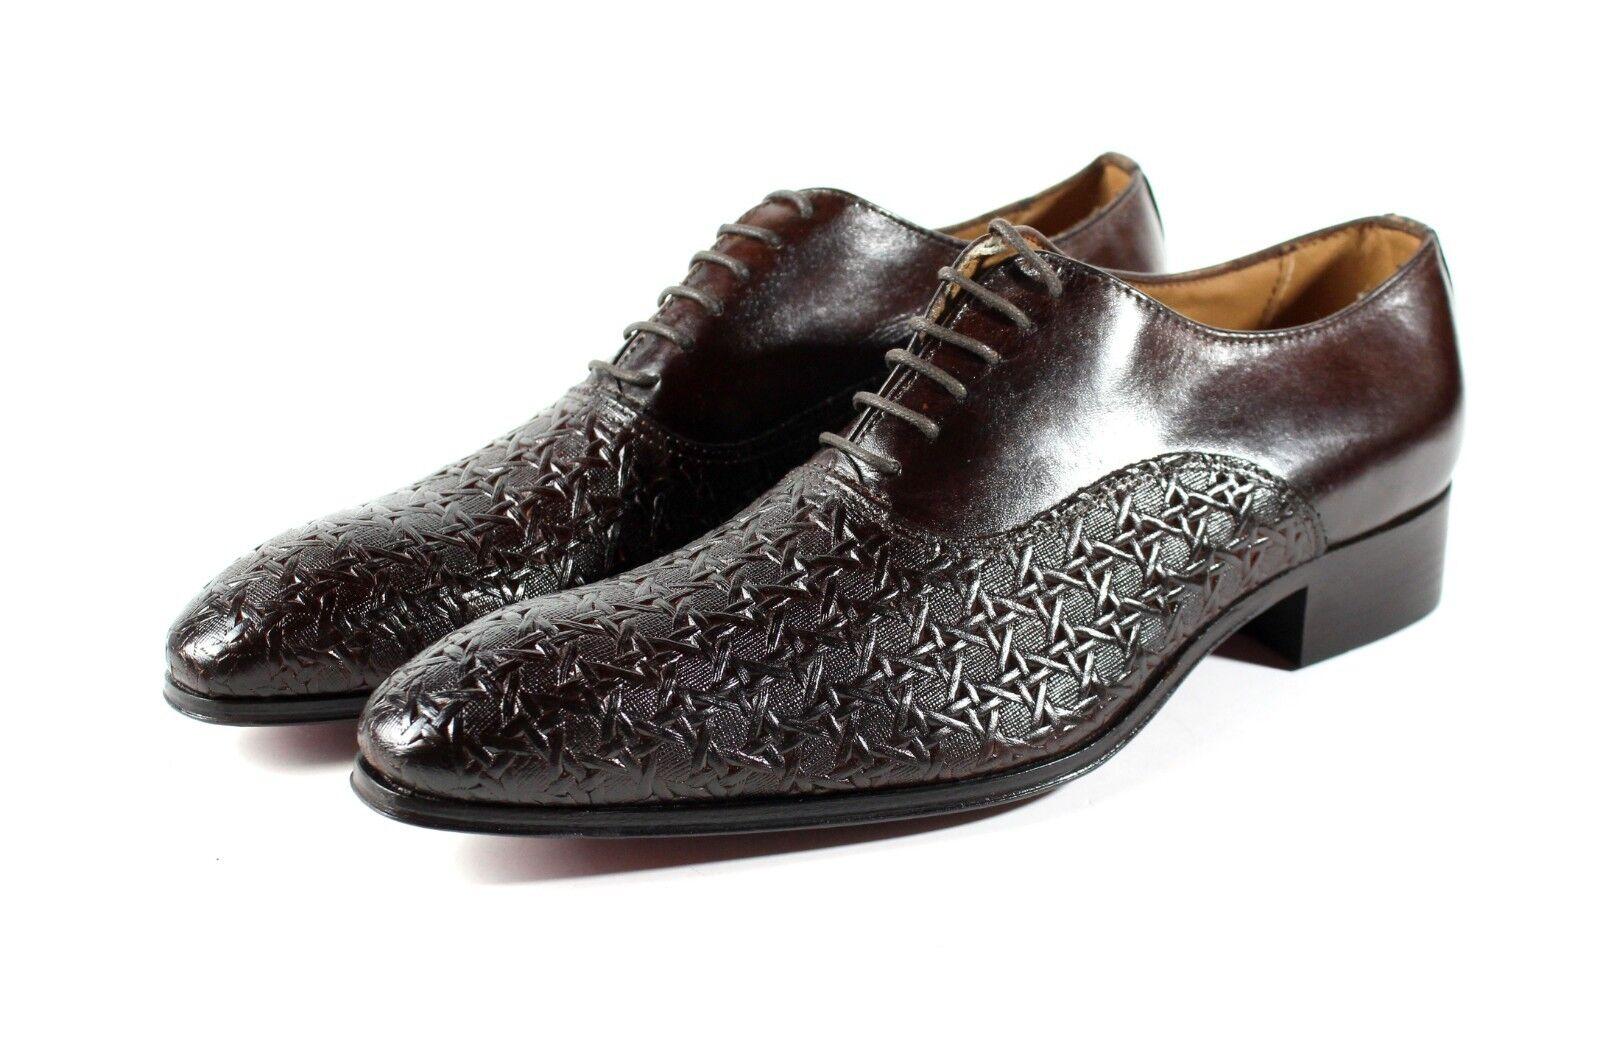 Ivan Troia Marronee Alou Artigianale in pelle Italiana Sautope Eleganti Oxford Sautope classeiche da uomo